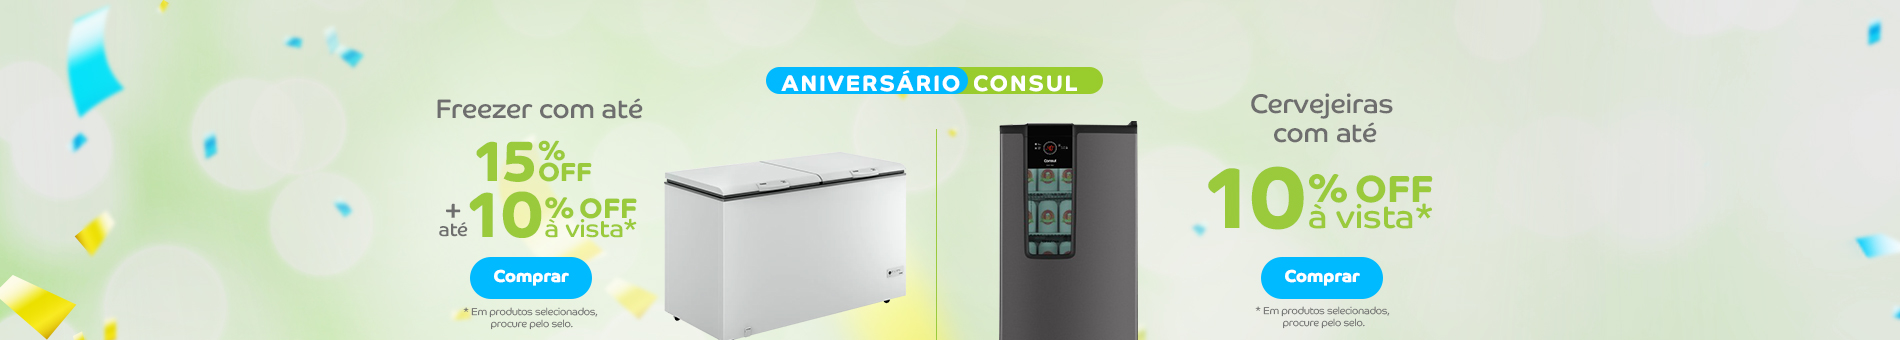 Promoção Interna - 2567 - campanha-aniversario2-pf_freezer-cervejeira-10off-duplo_16072018_home3 - freezer-cervejeira-10off-duplo - 3